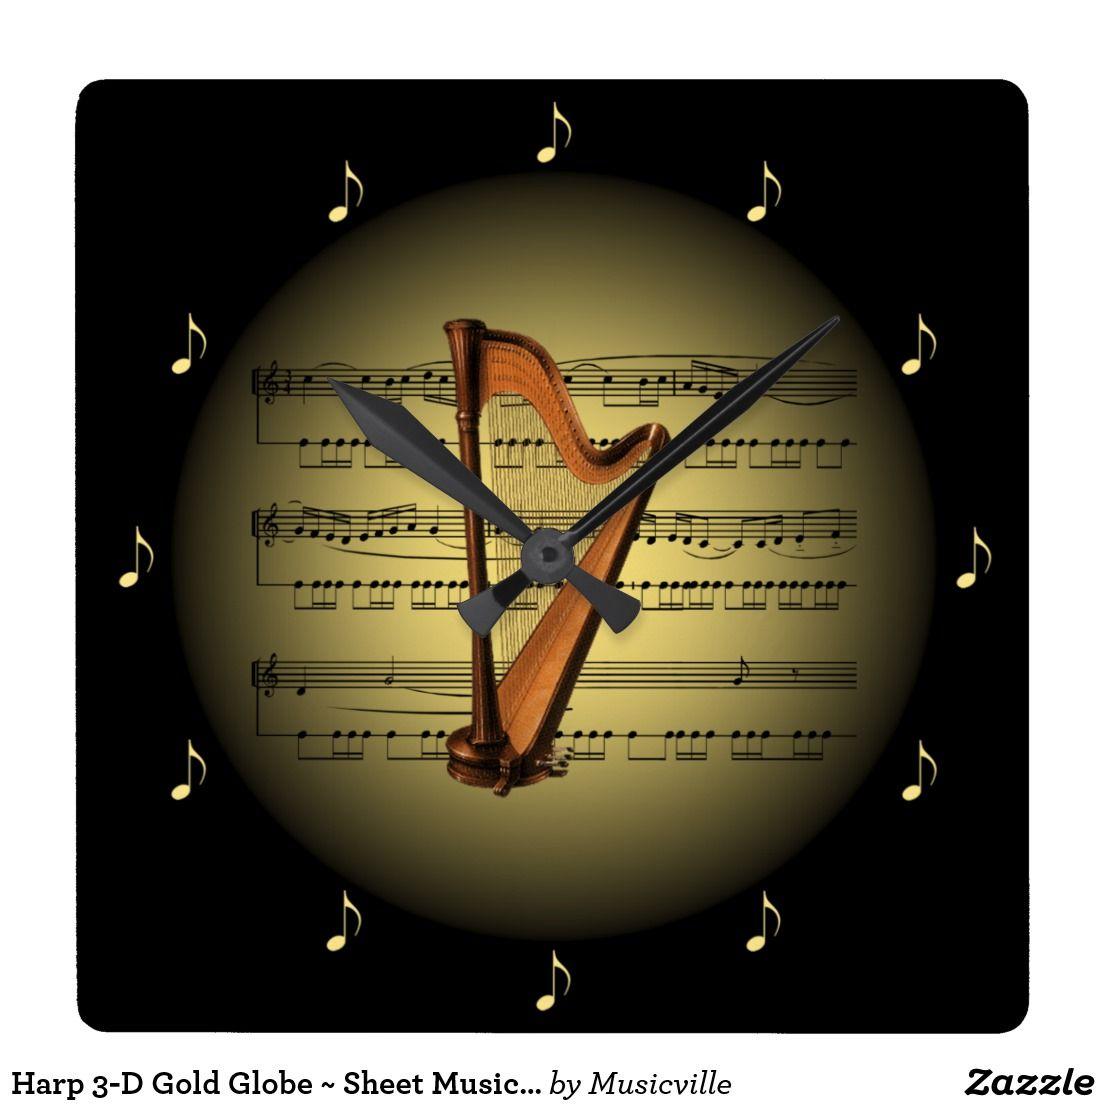 cebe5b47aba814872b18c990fff9e34b harp 3 d gold globe ~ sheet music ~ black bg ~ * ~ square wall clock